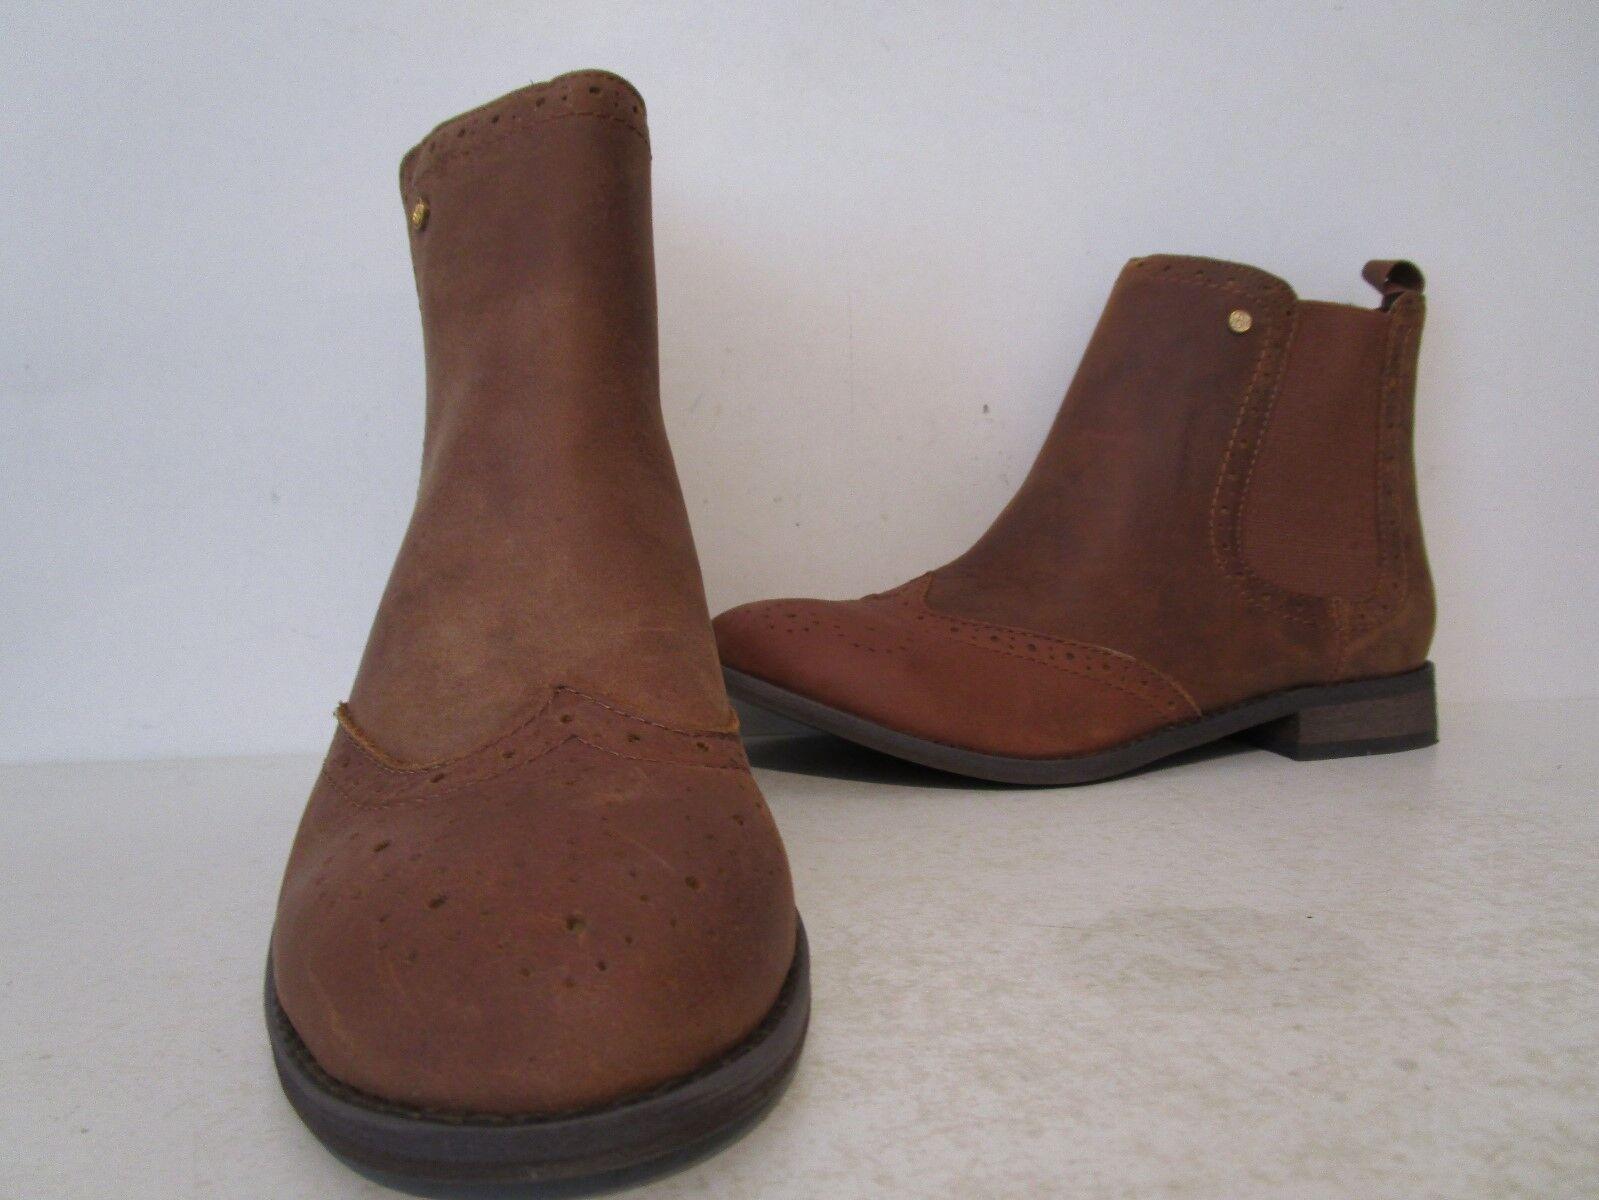 Bajo de cuero para mujer Danni Wing Tip Tip Tip corneada Tobillo botas Castaño Tamaño 9 M  genuina alta calidad